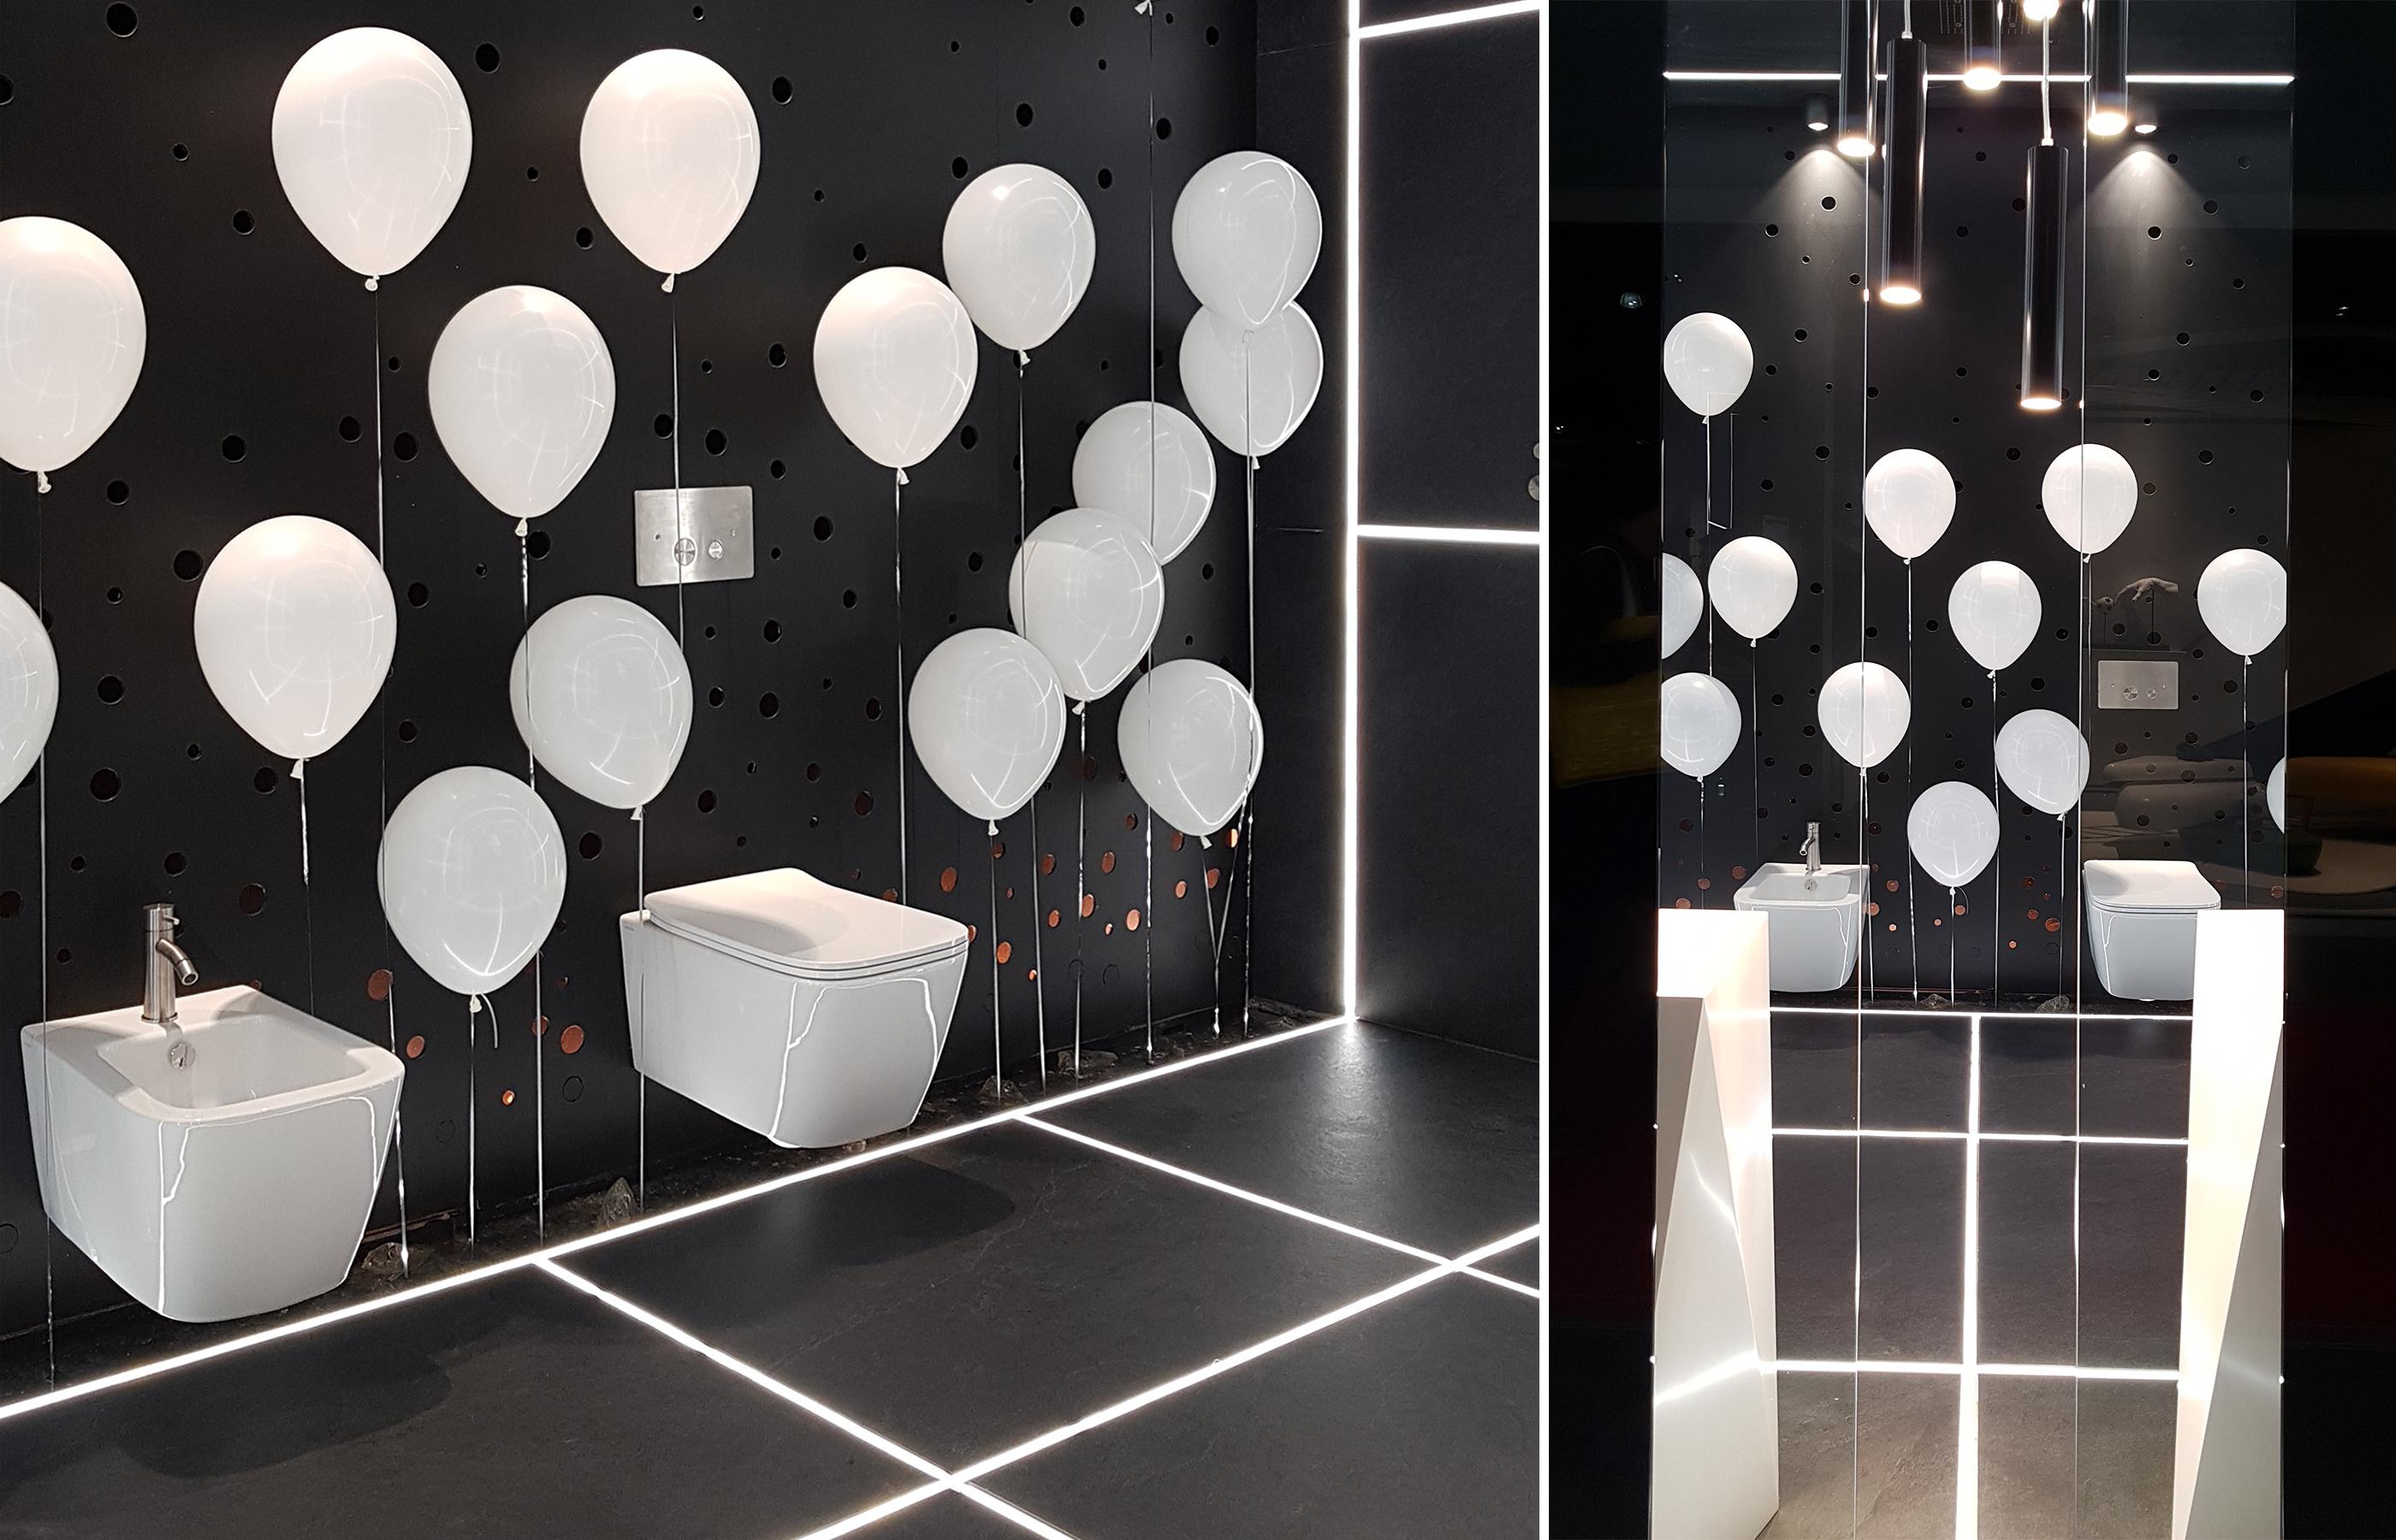 Проект ванной комнаты, автор Борис Уборевич-Боровский